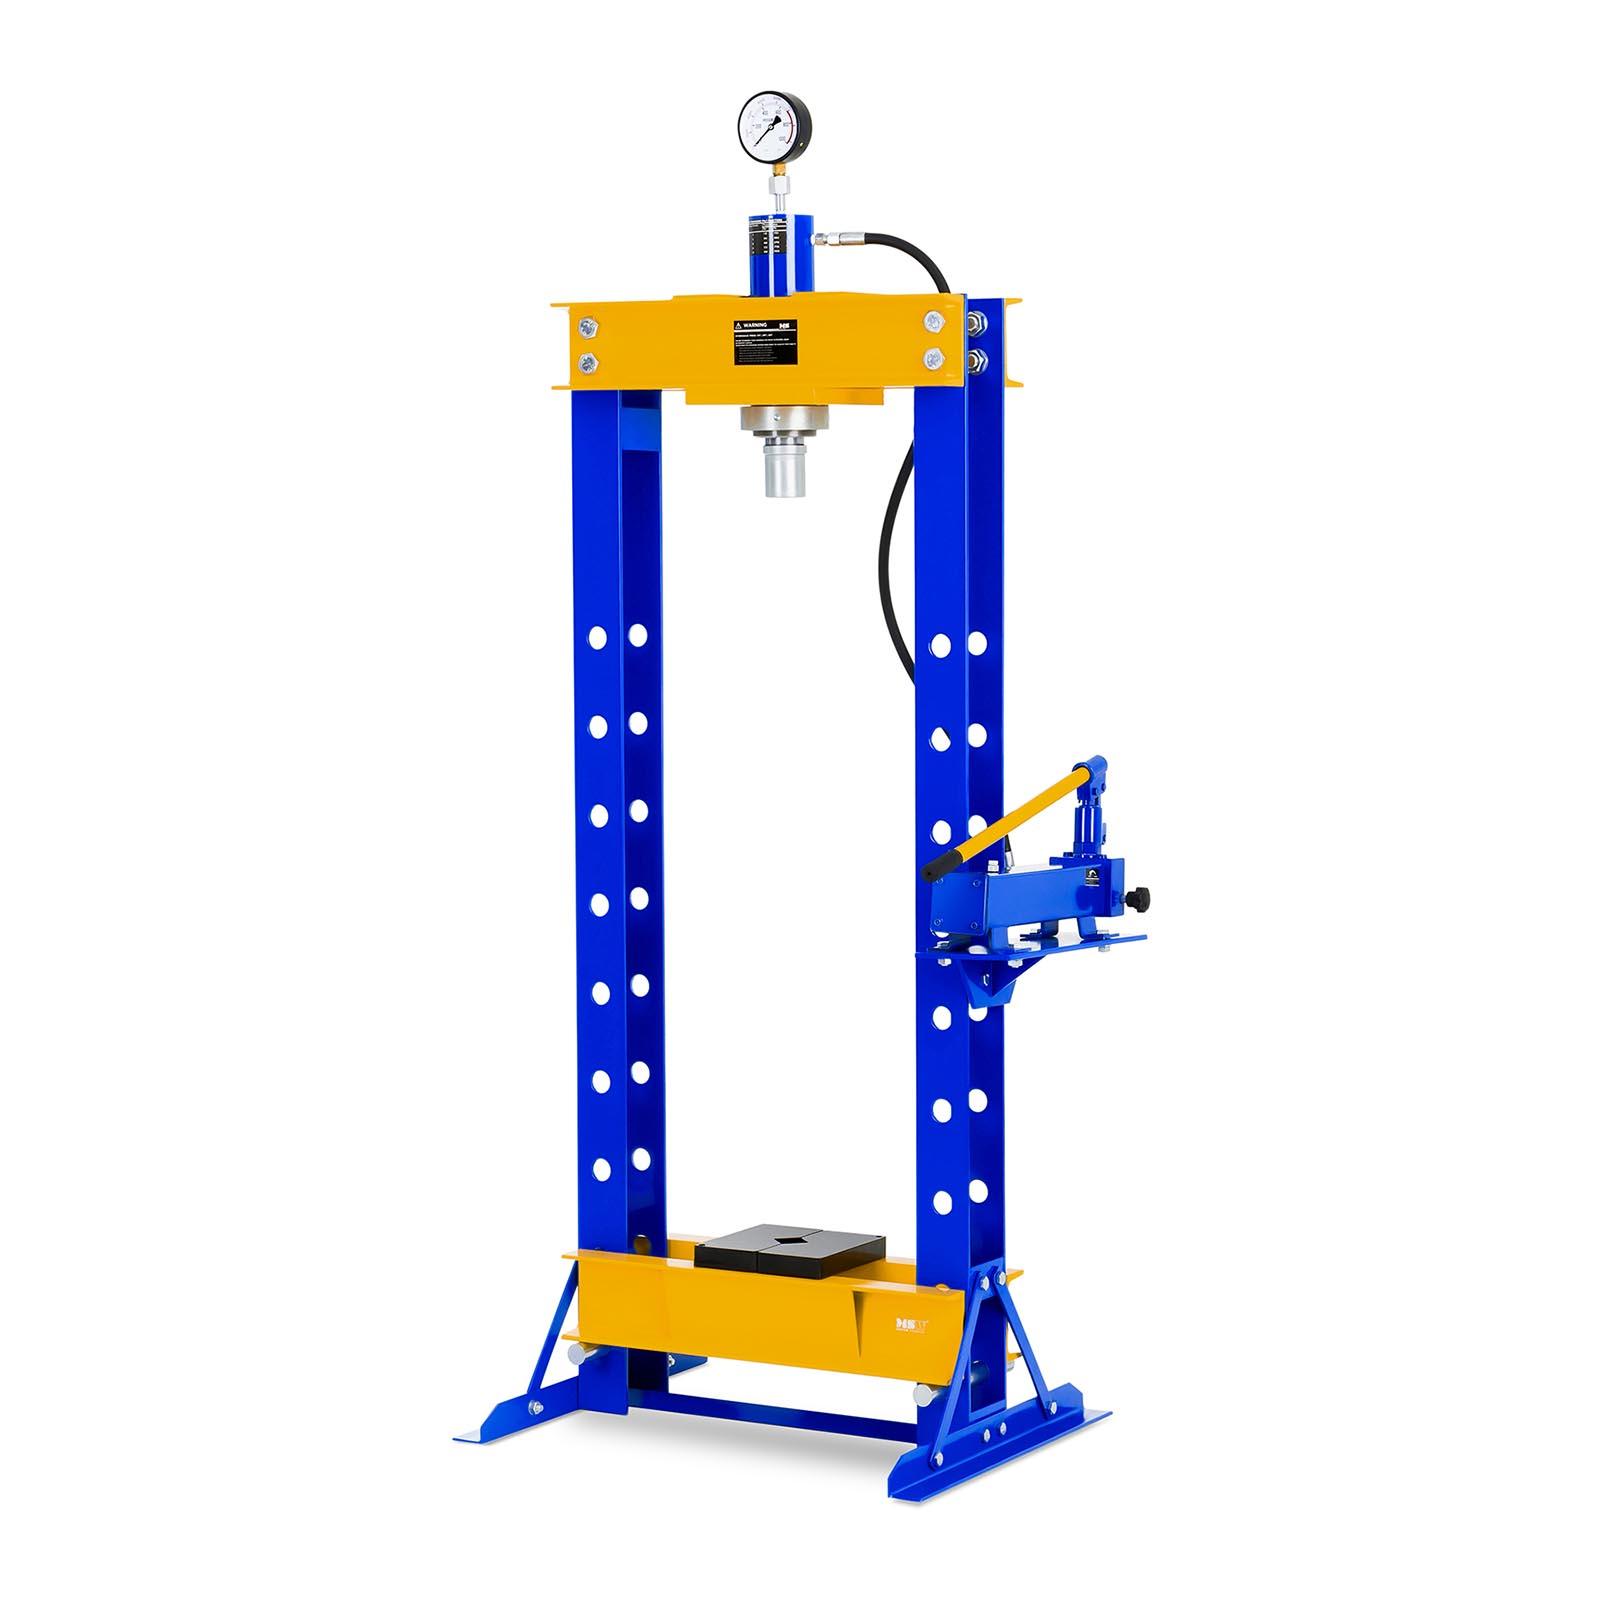 MSW Werkstattpresse hydraulisch - 30 t Pressdruck 10060301